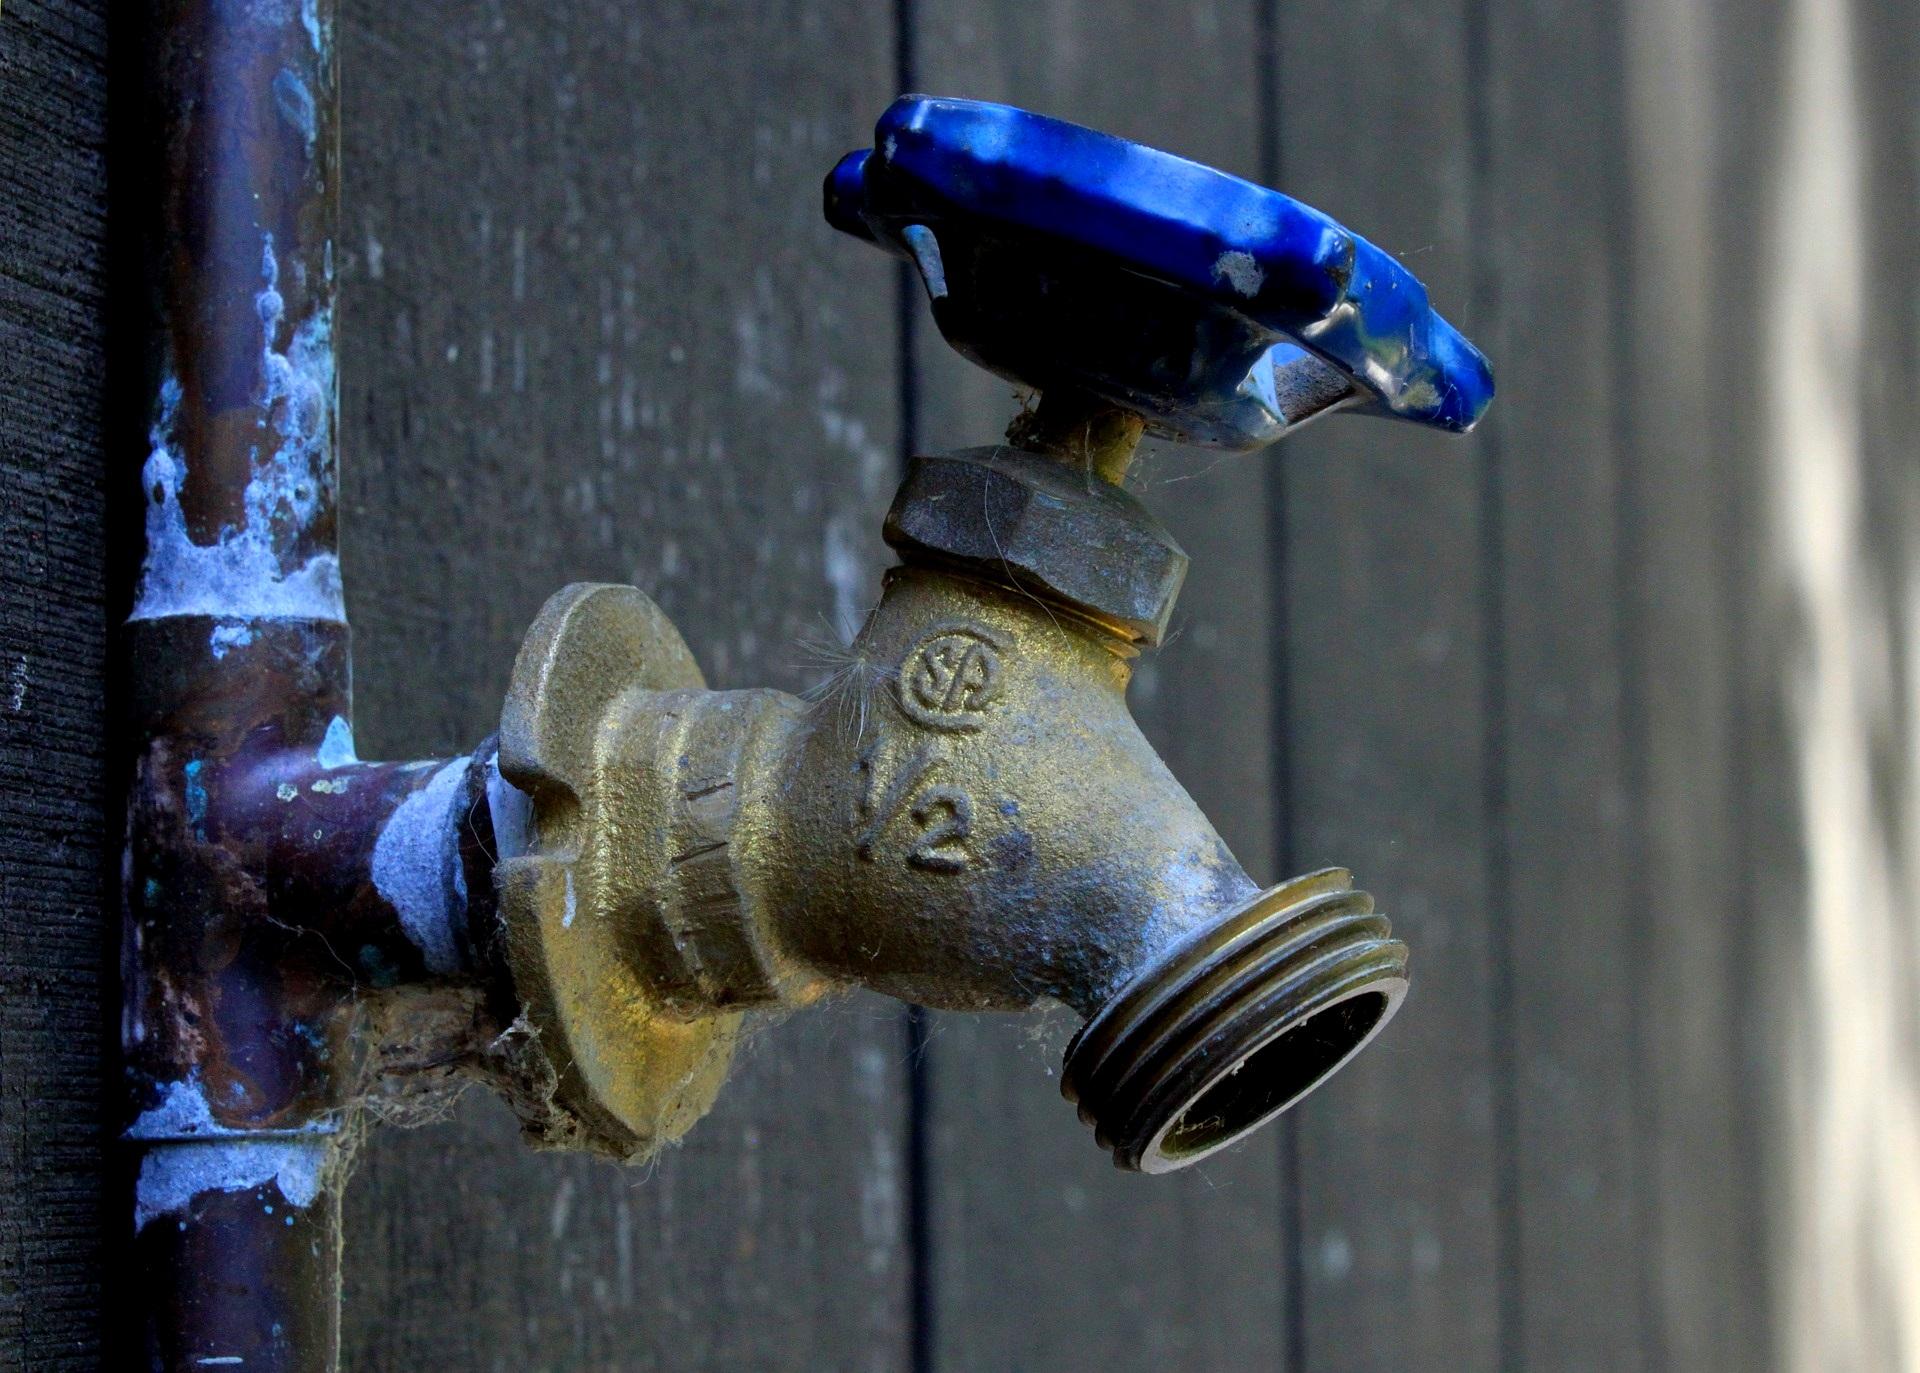 erste hilfe bei einem wasserschaden wasserschadensanierung wasserschaeden wasserschadenbeseitigung bautrocknung duregger bautrockner mieten muenchen hauptwasserhahn